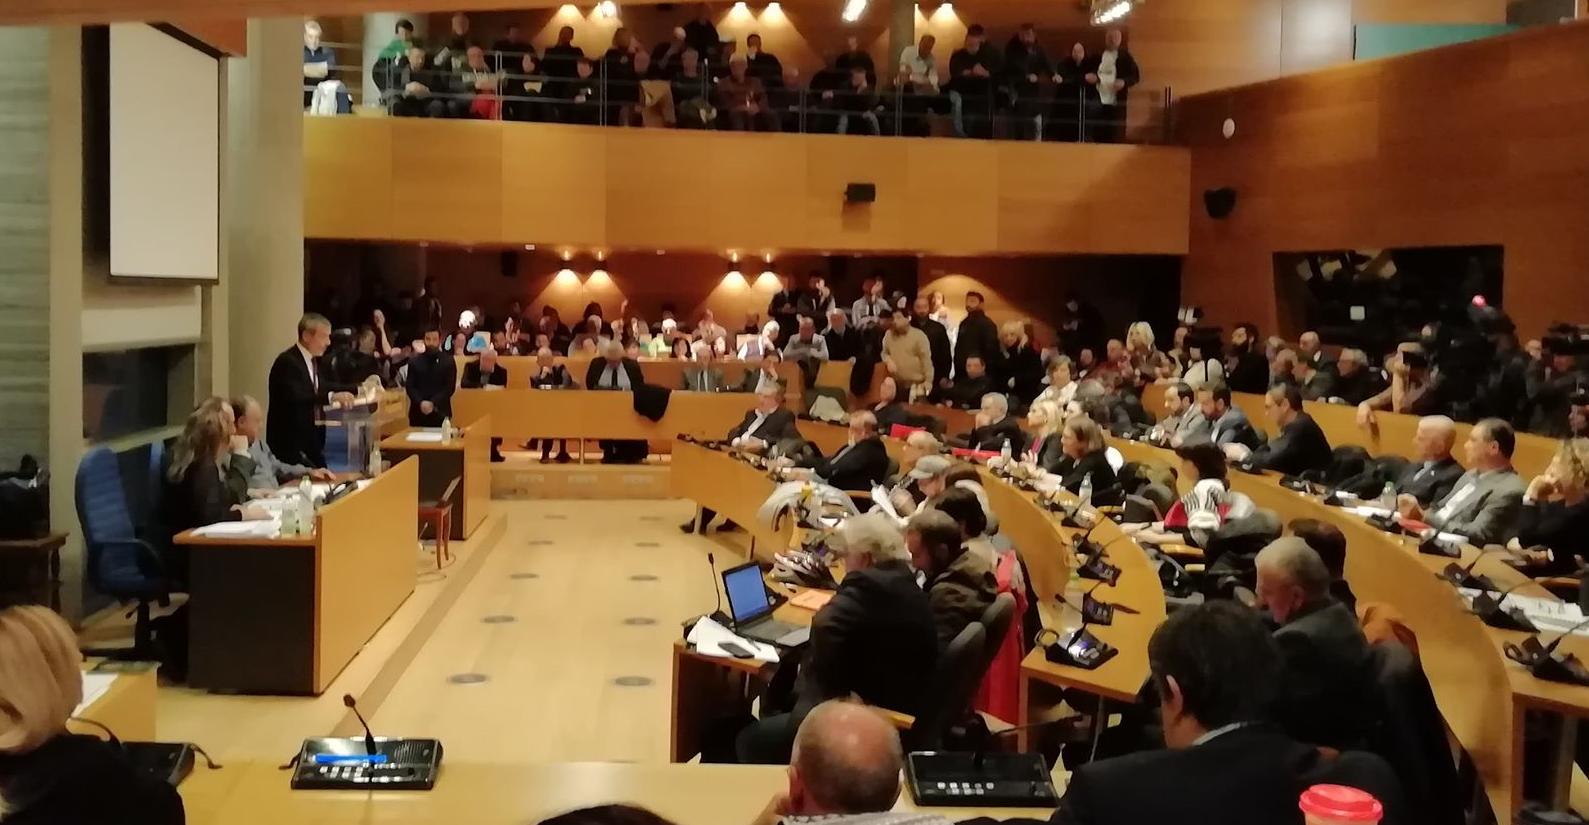 Ομόφωνο ψήφισμα του Δημοτικού Συμβουλίου Θεσσαλονίκης ζητά την καταδίκη της Χρυσής Αυγής